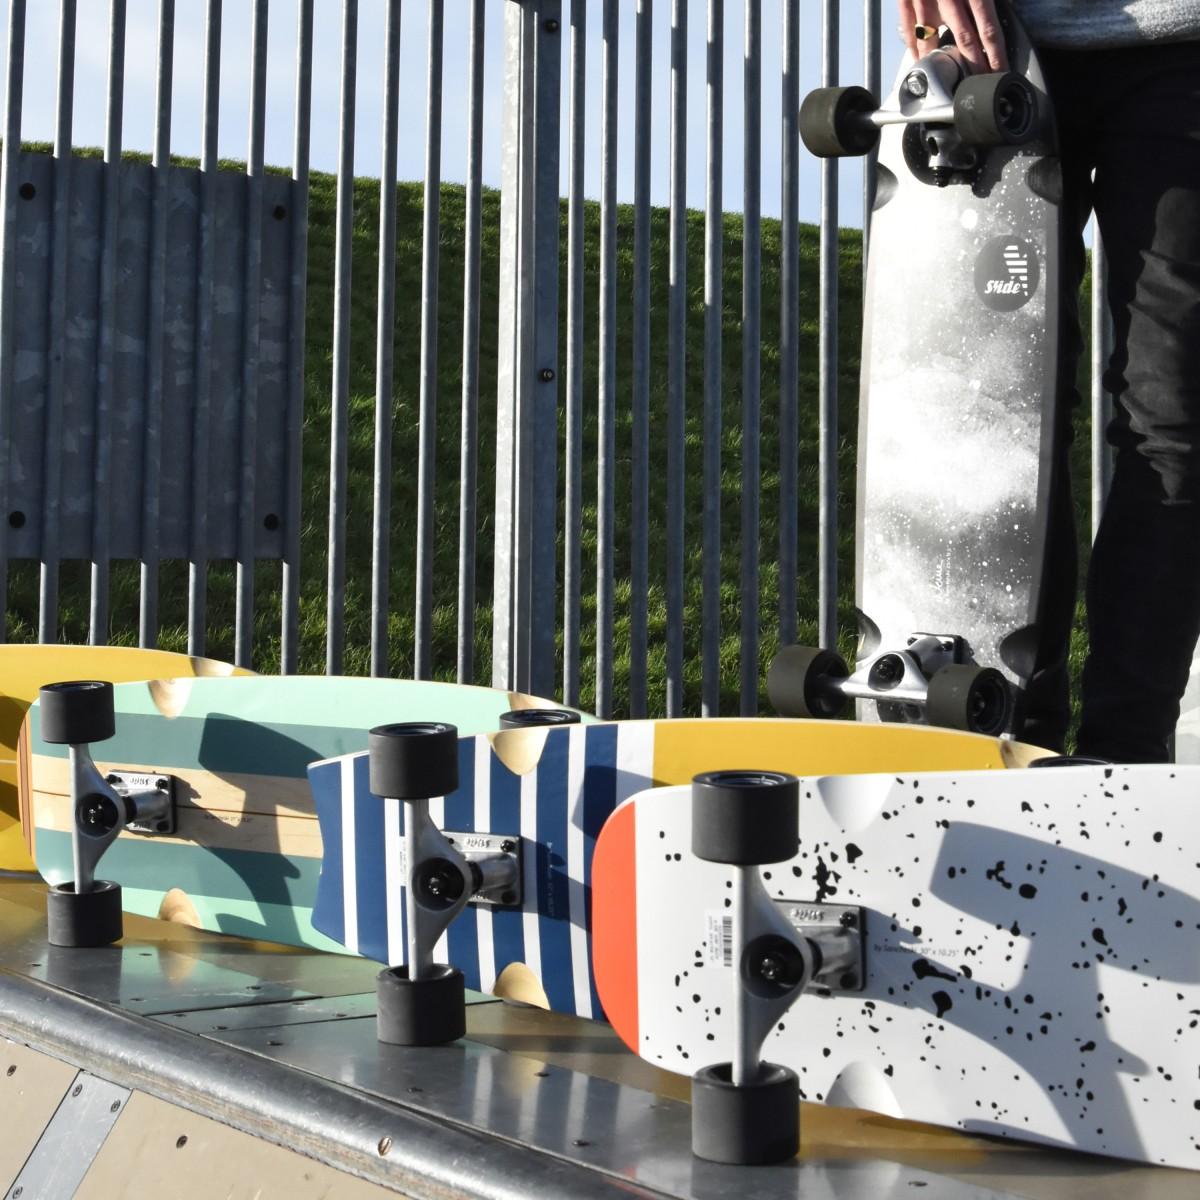 Slidesurf, Slidesurf Skateboards, Moana Six, Surfshop, Skateshop, Slidesurfskate, Brouwershaven, Skaten In Zeeland, Surfen In Zeeland